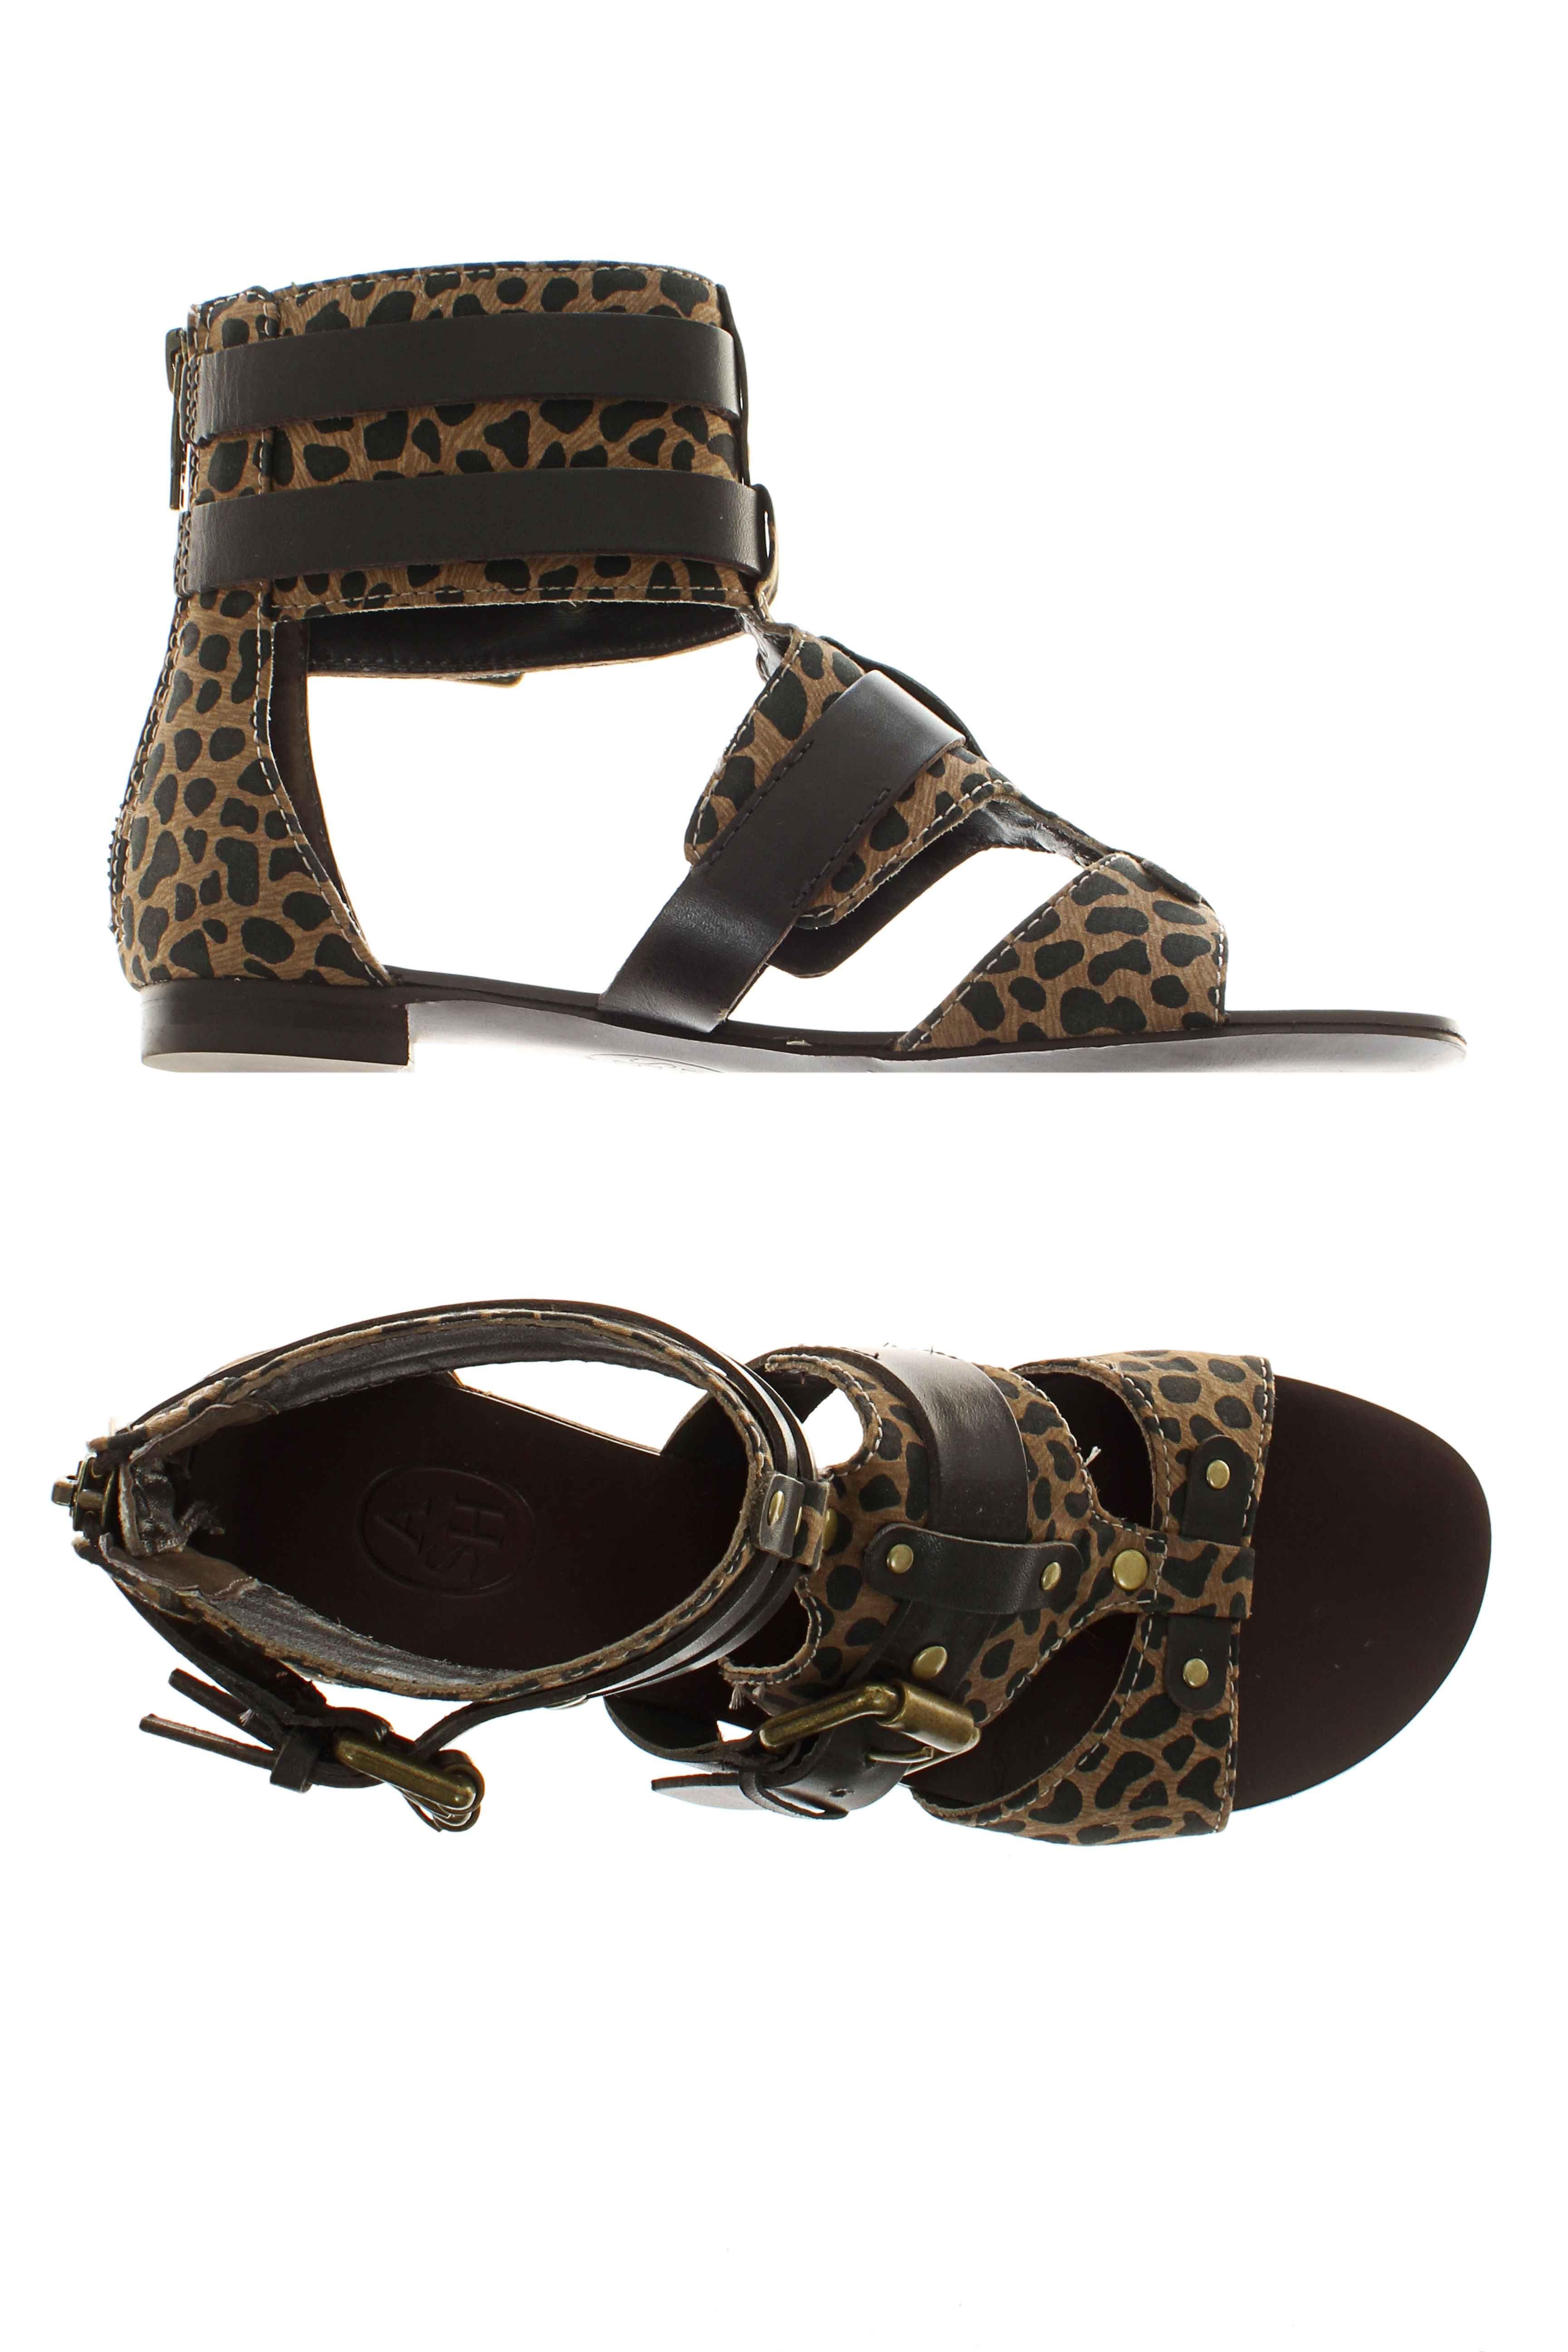 891fe22164e7e3 Chaussures Sandales/Nu pieds ASH - couleur MARRON | Chaussures Pour ...